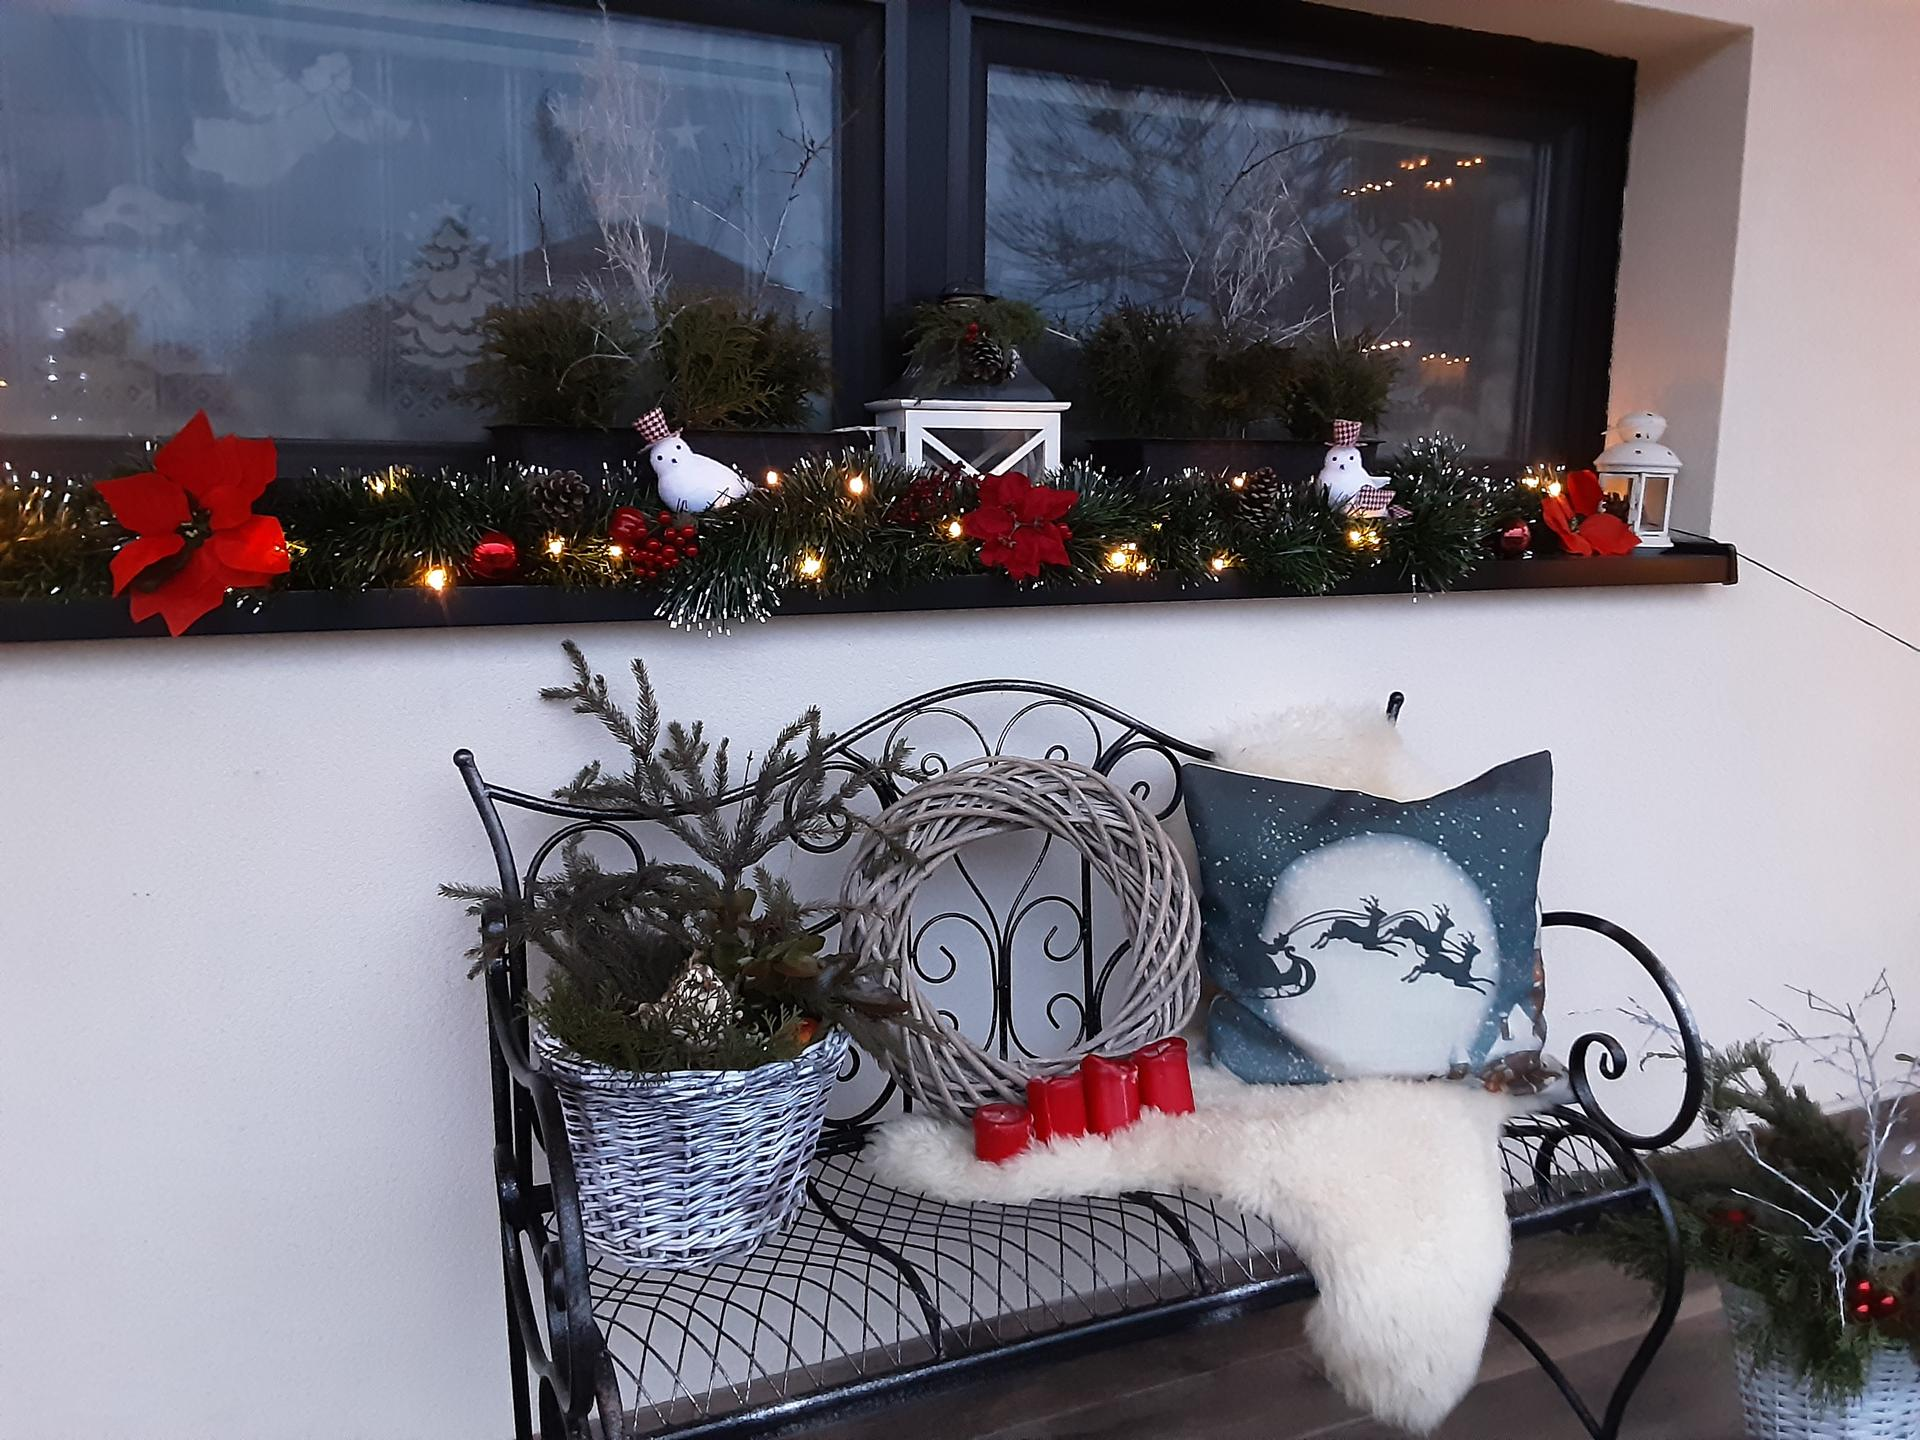 Vianočná atmosféra - Obrázok č. 5